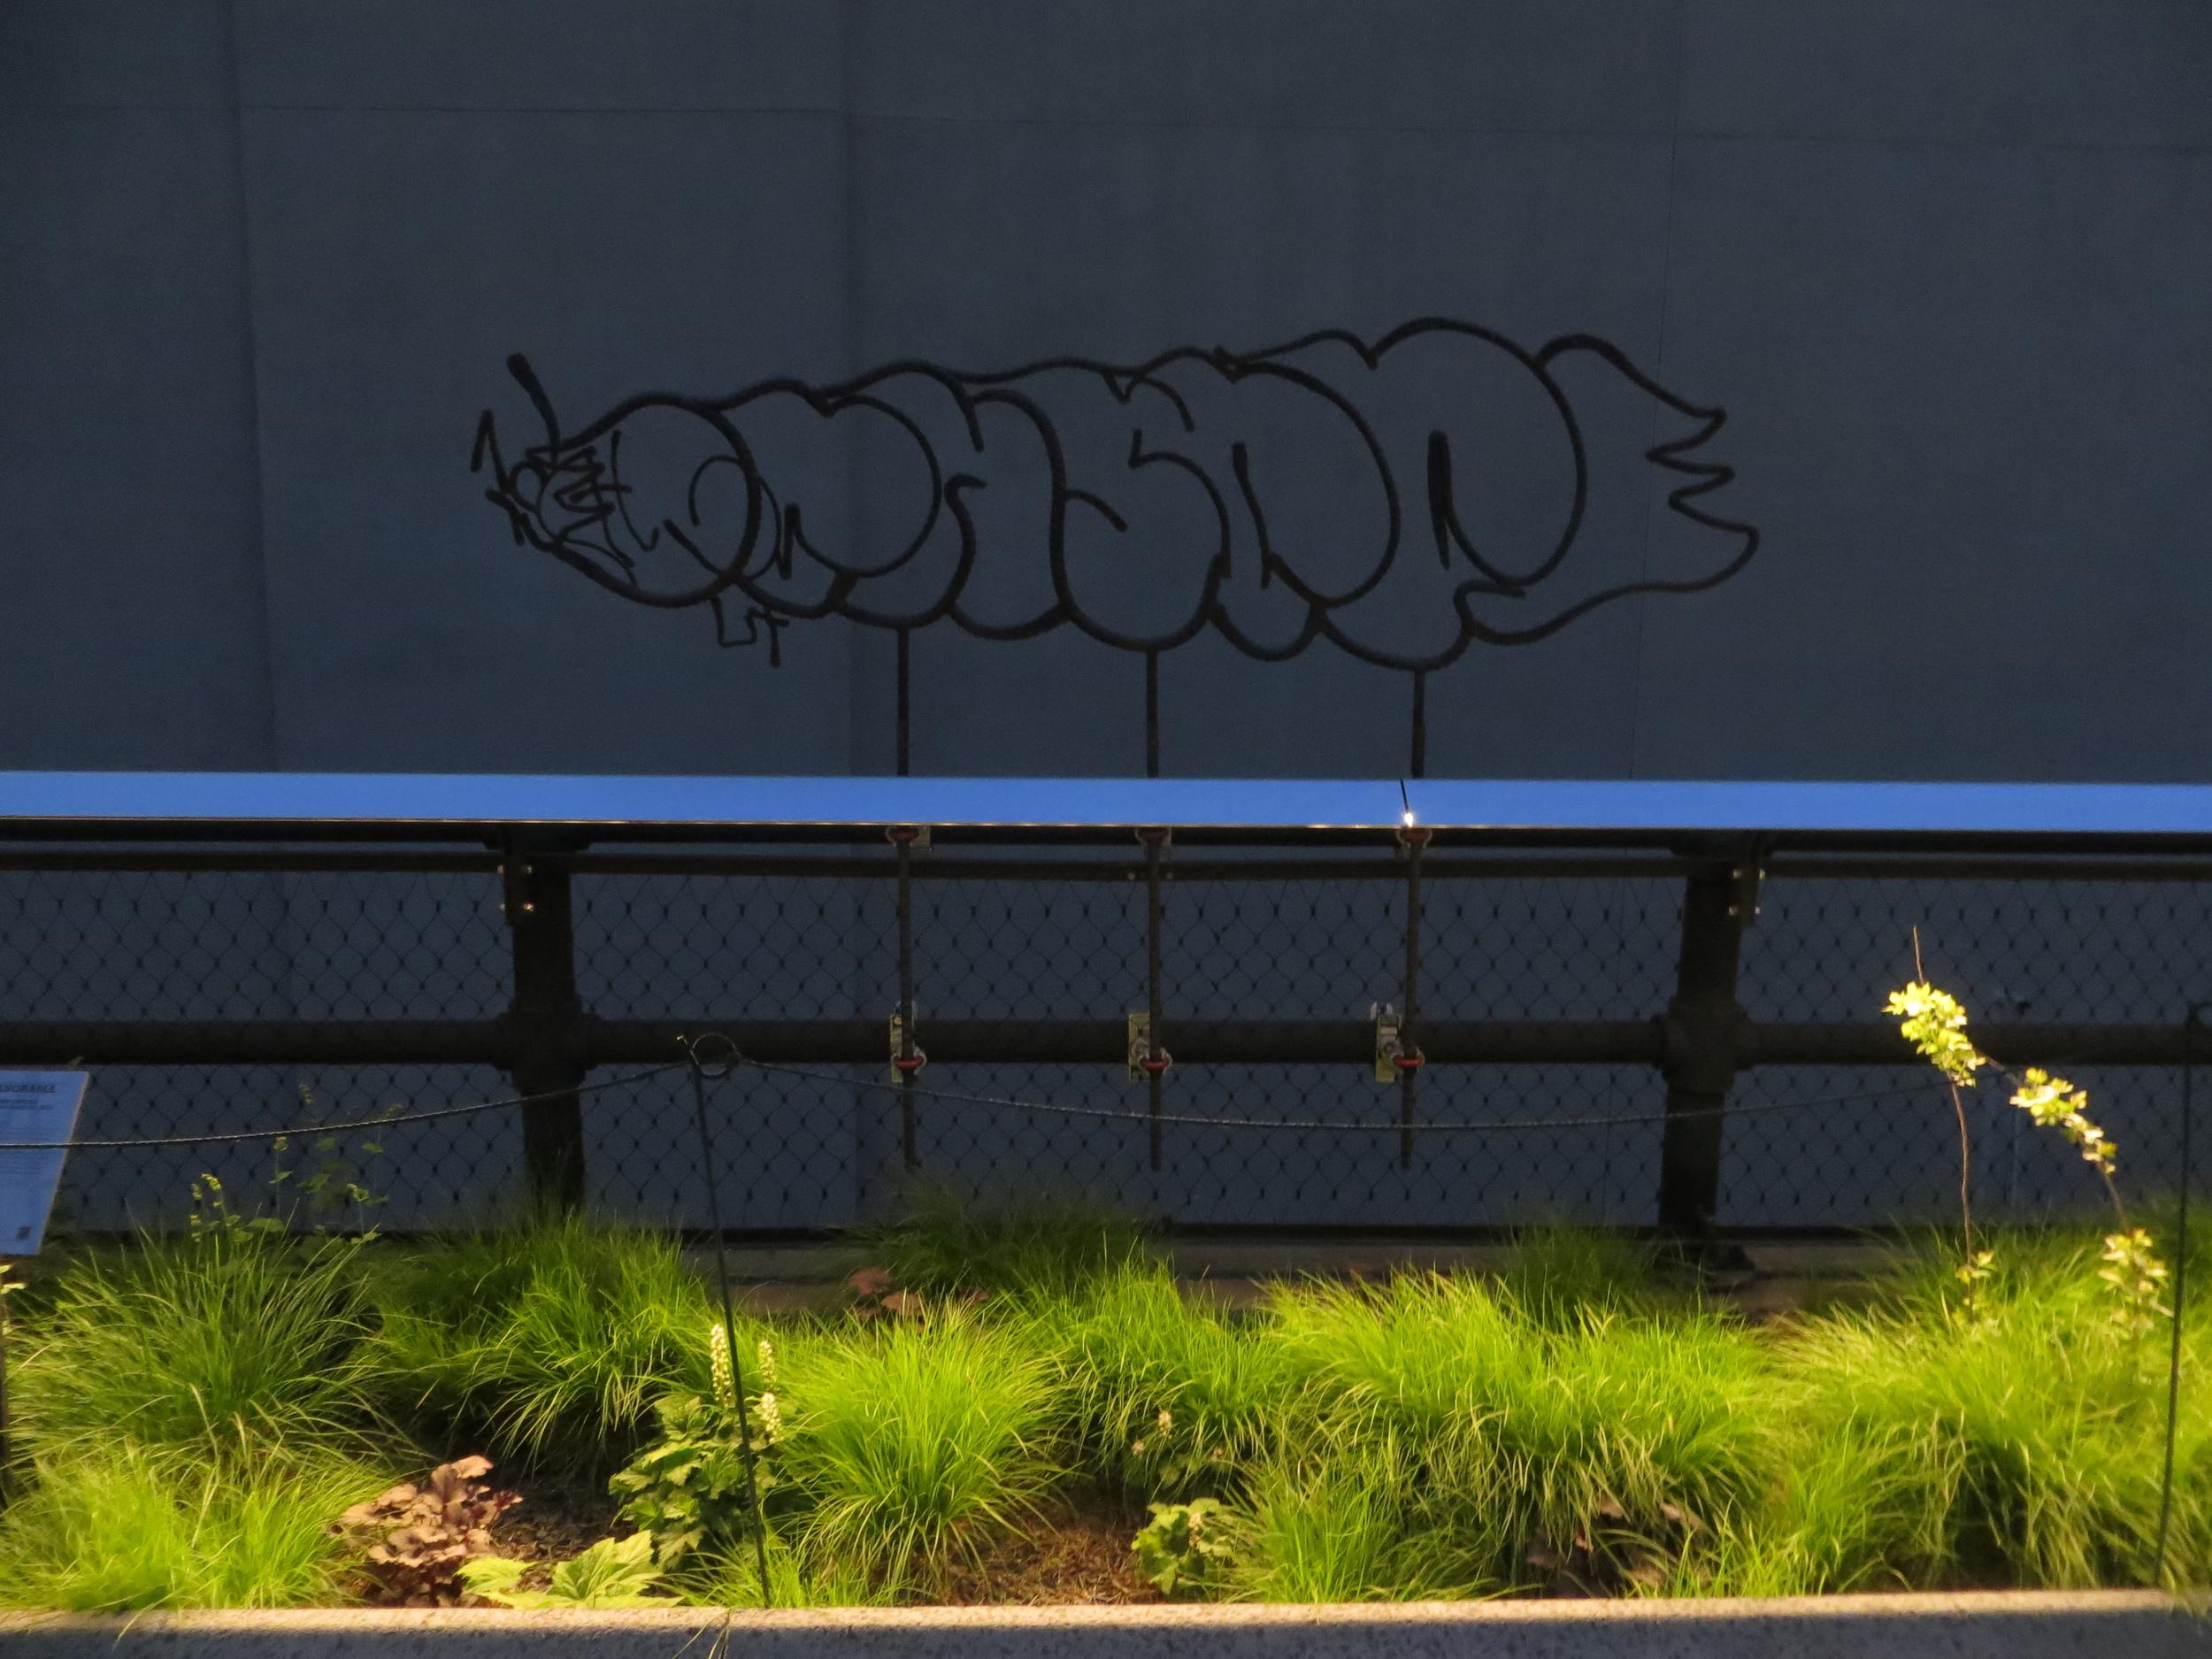 More rebar graffiti